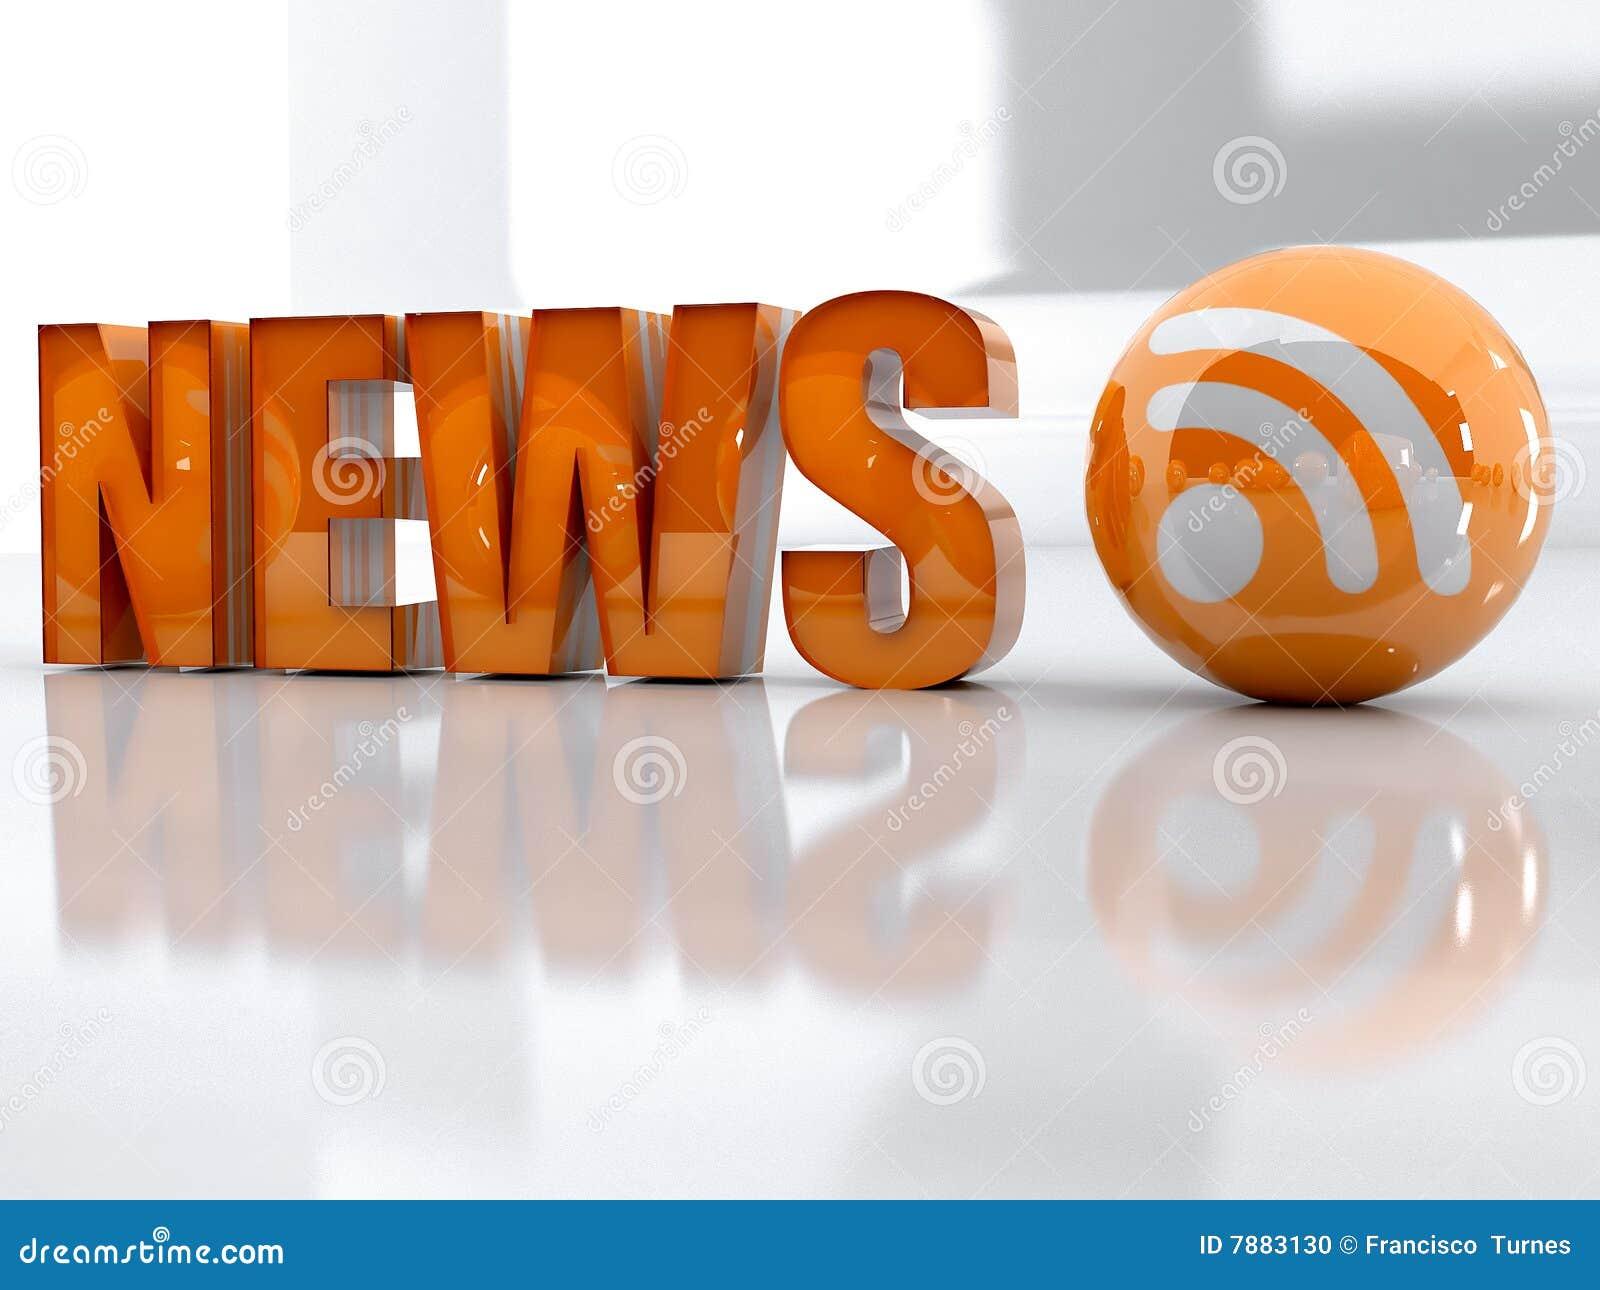 Noticias y rss